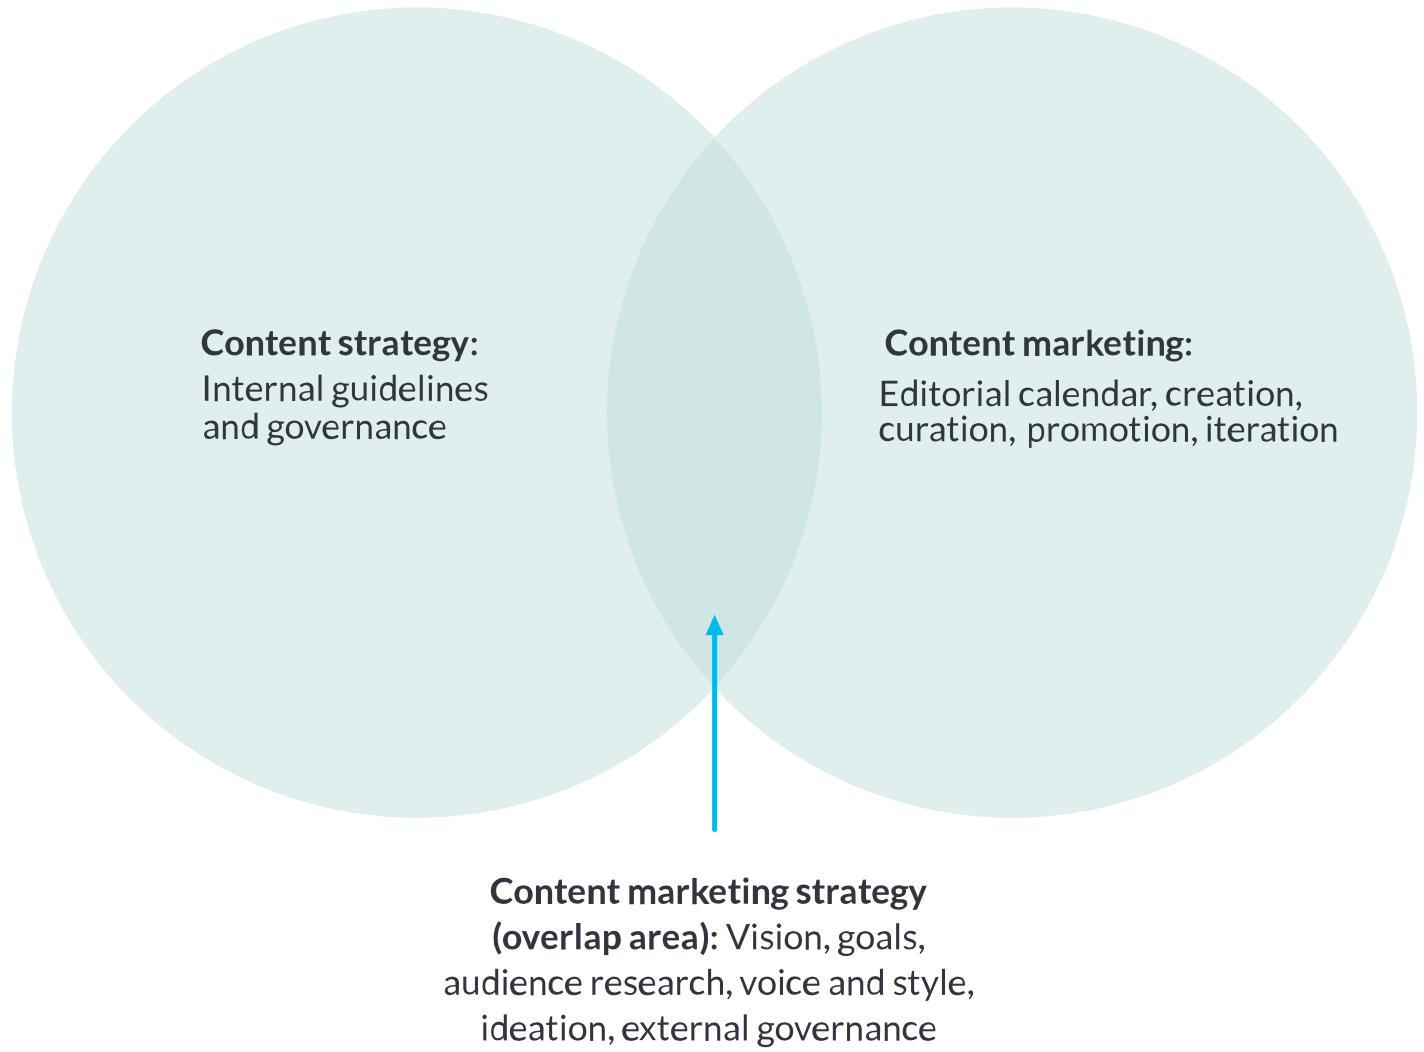 چگونه استراتژی محتوا بنویسیم؟